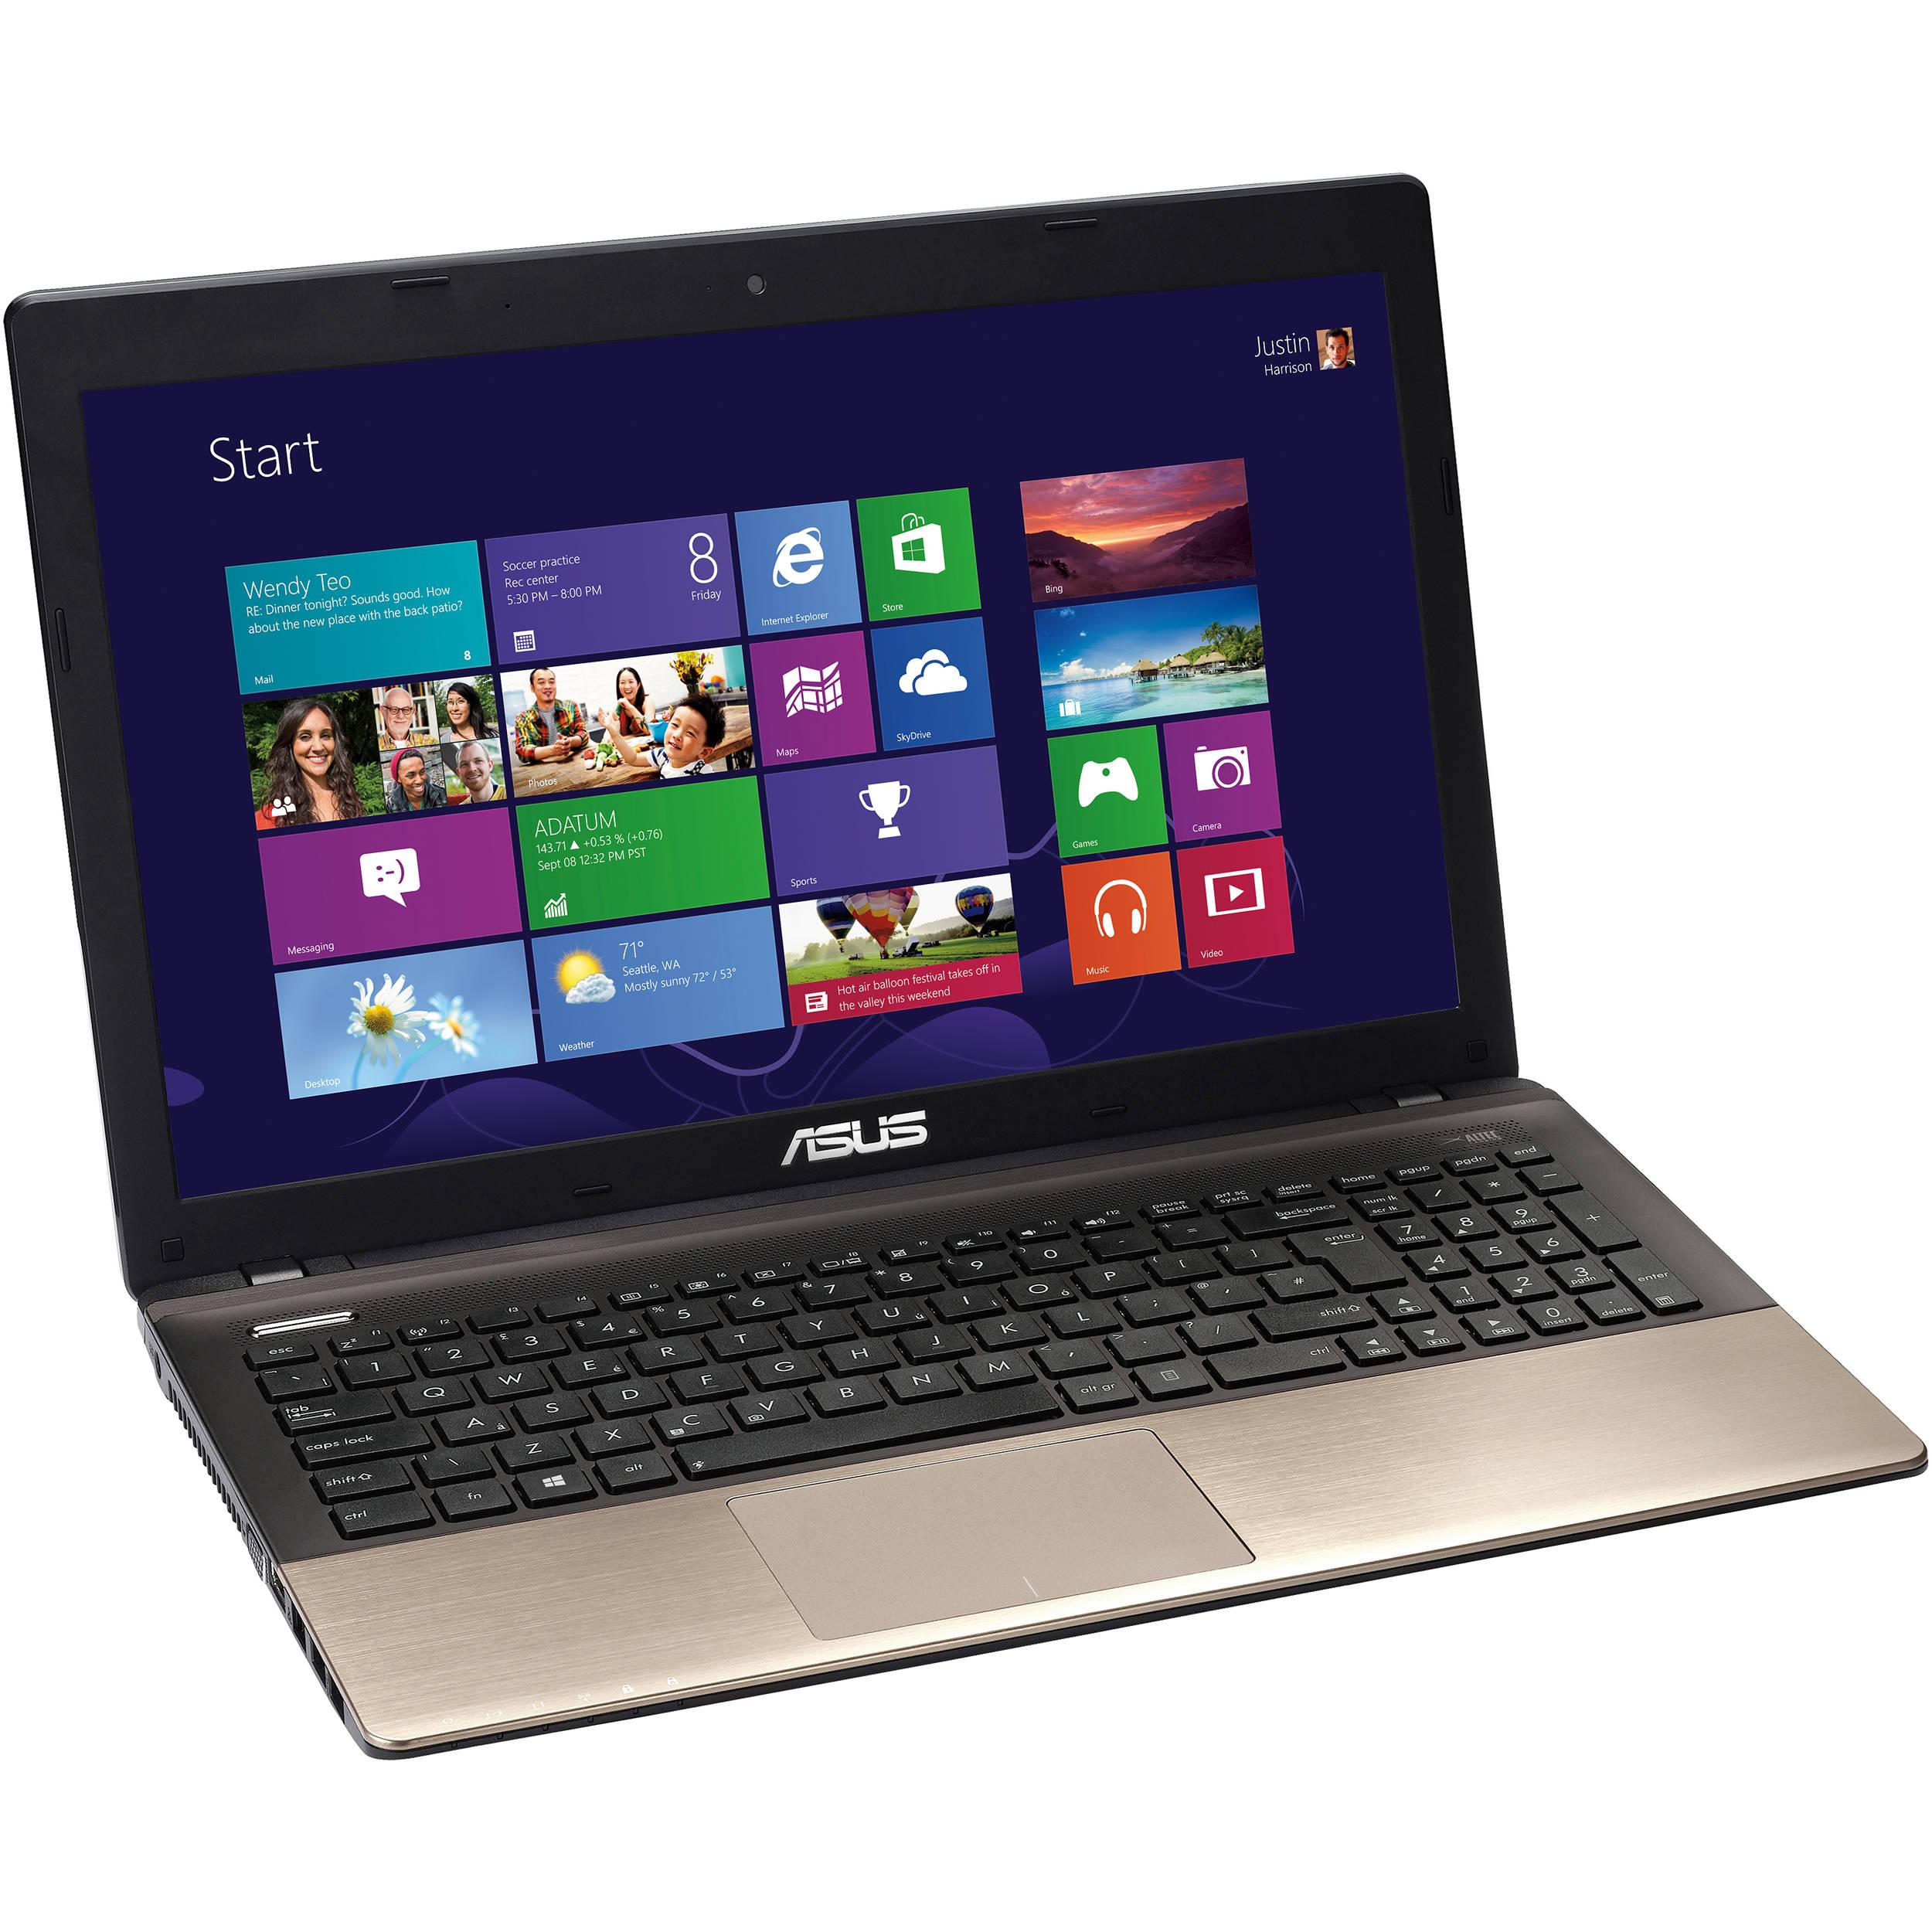 Computer Mania November 2016 Mouse Wireless No Merk Lenovo Asus Macbook Toshiba Acer K55a Dh71 156 Notebook Mocha